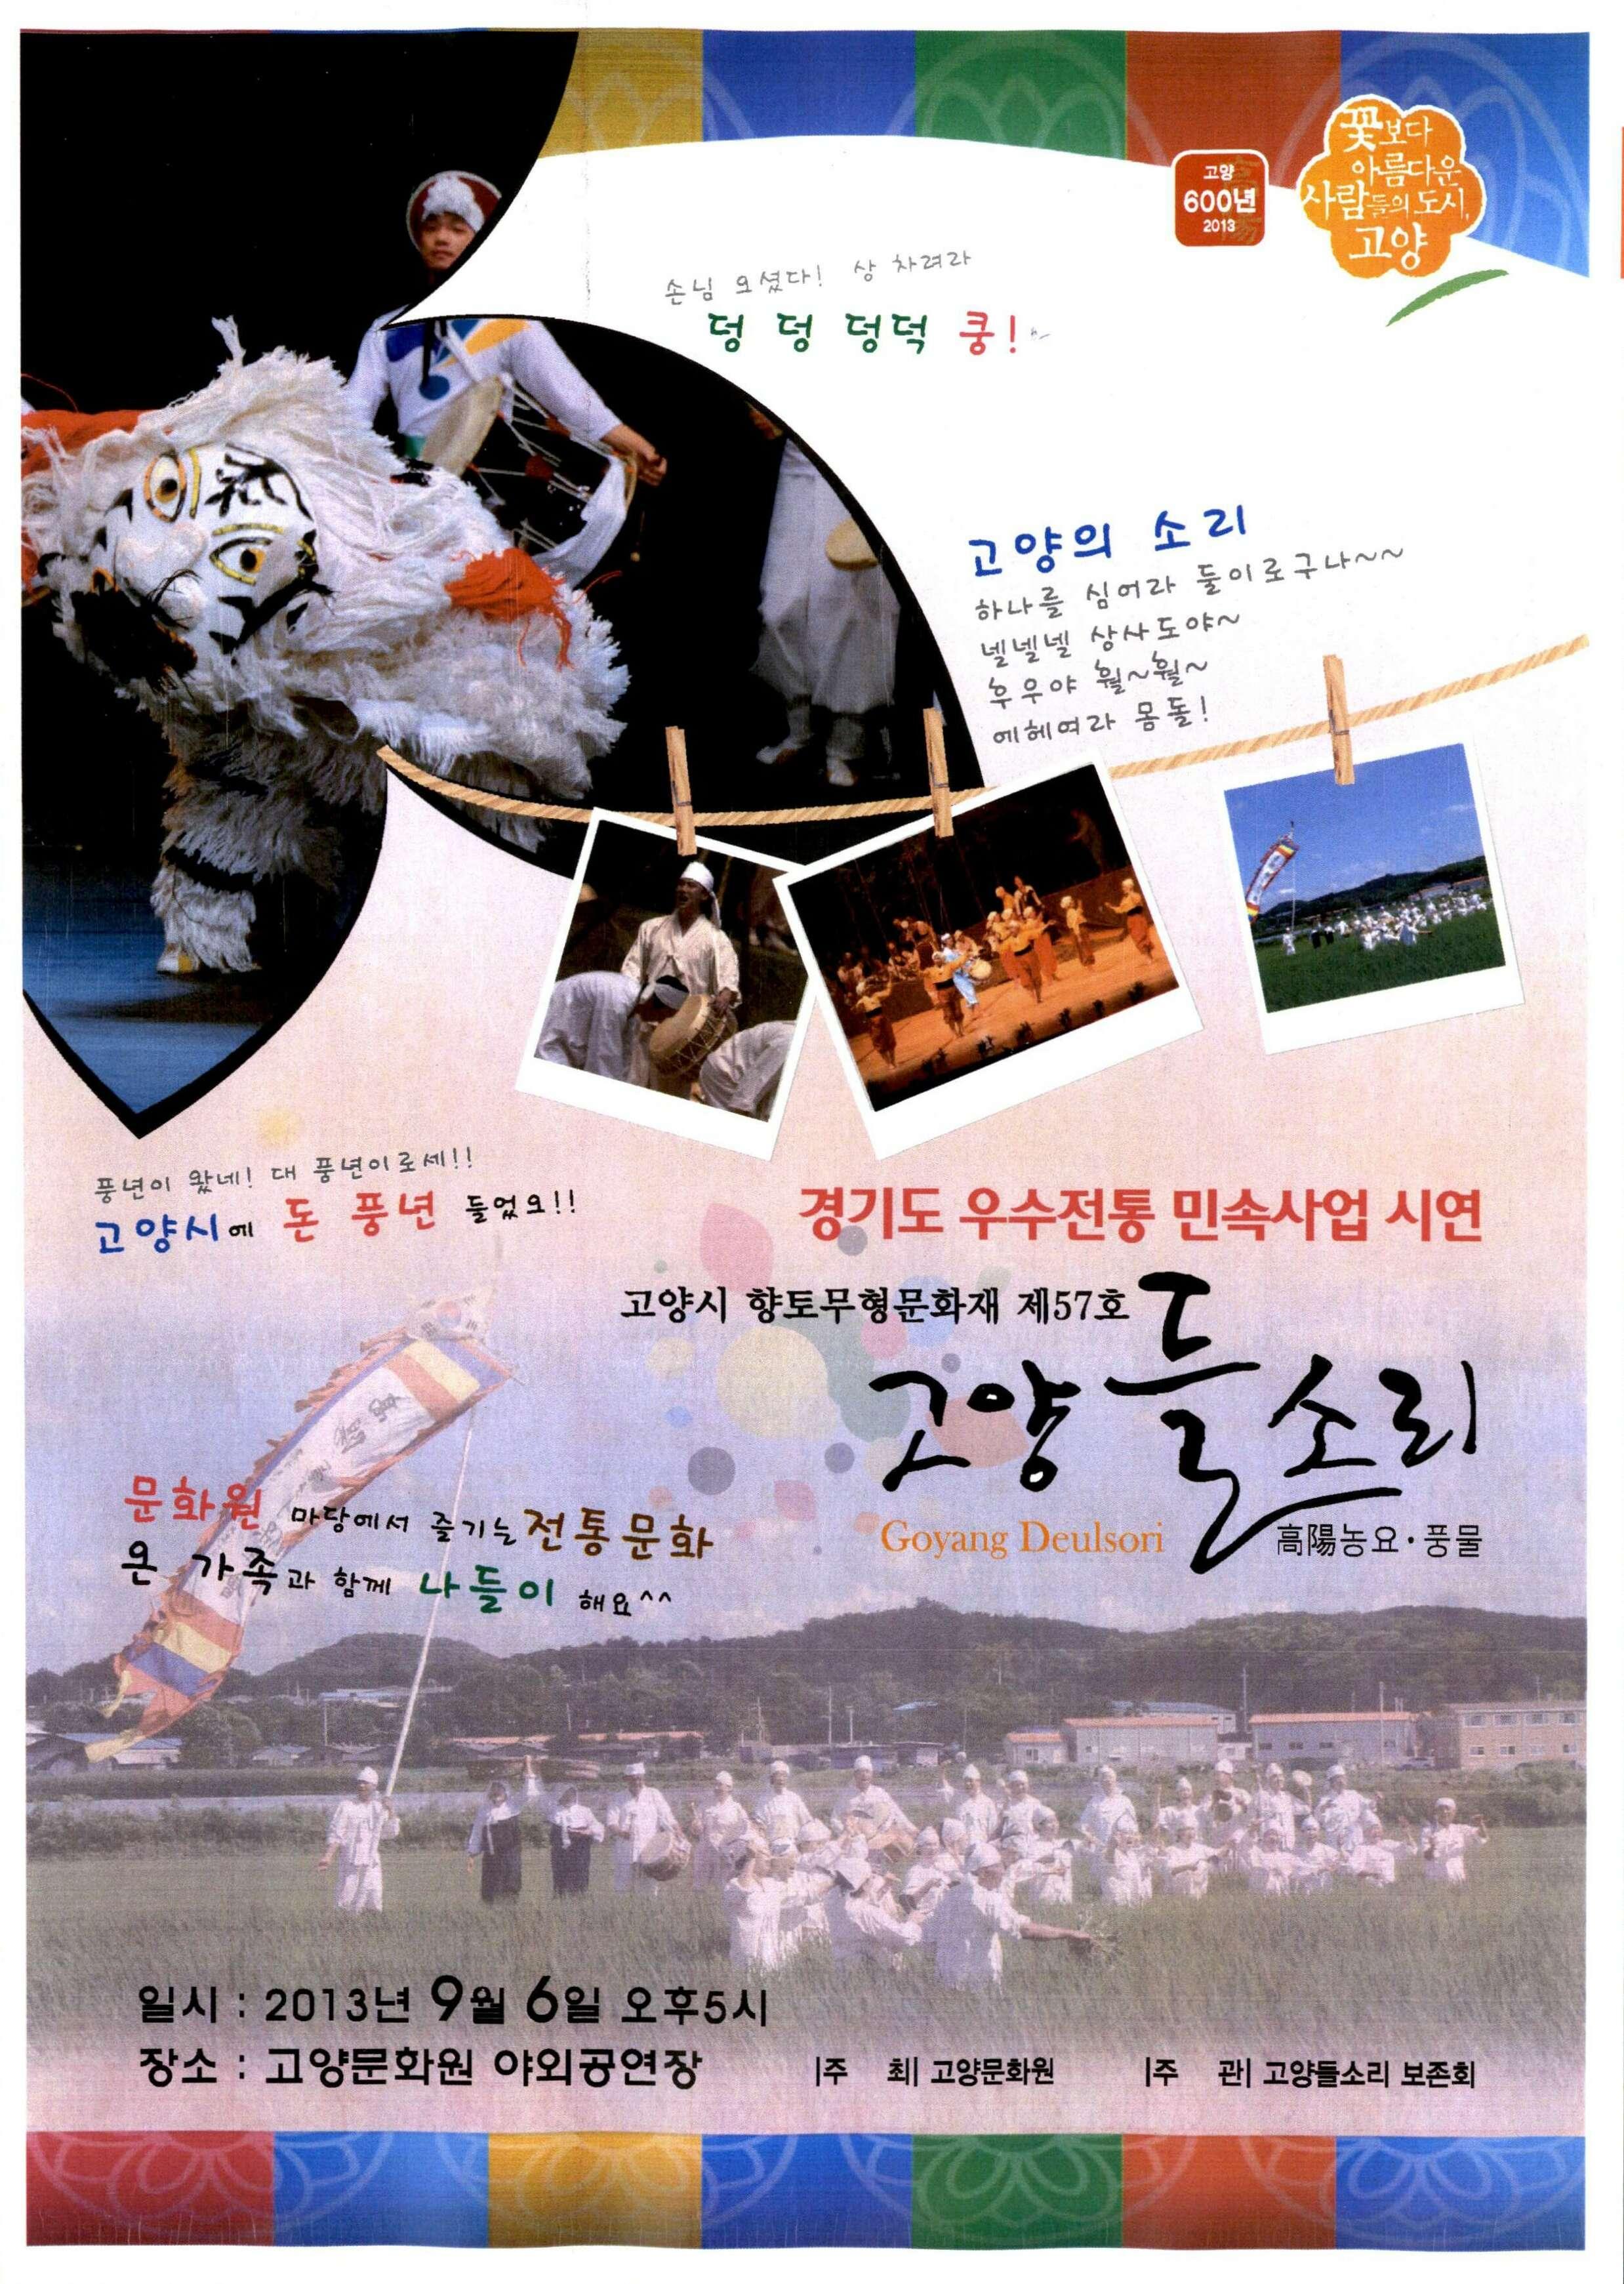 경기도 우수전통 민속사업 시연 고양시 향토문화재 제57호 고양 들소리